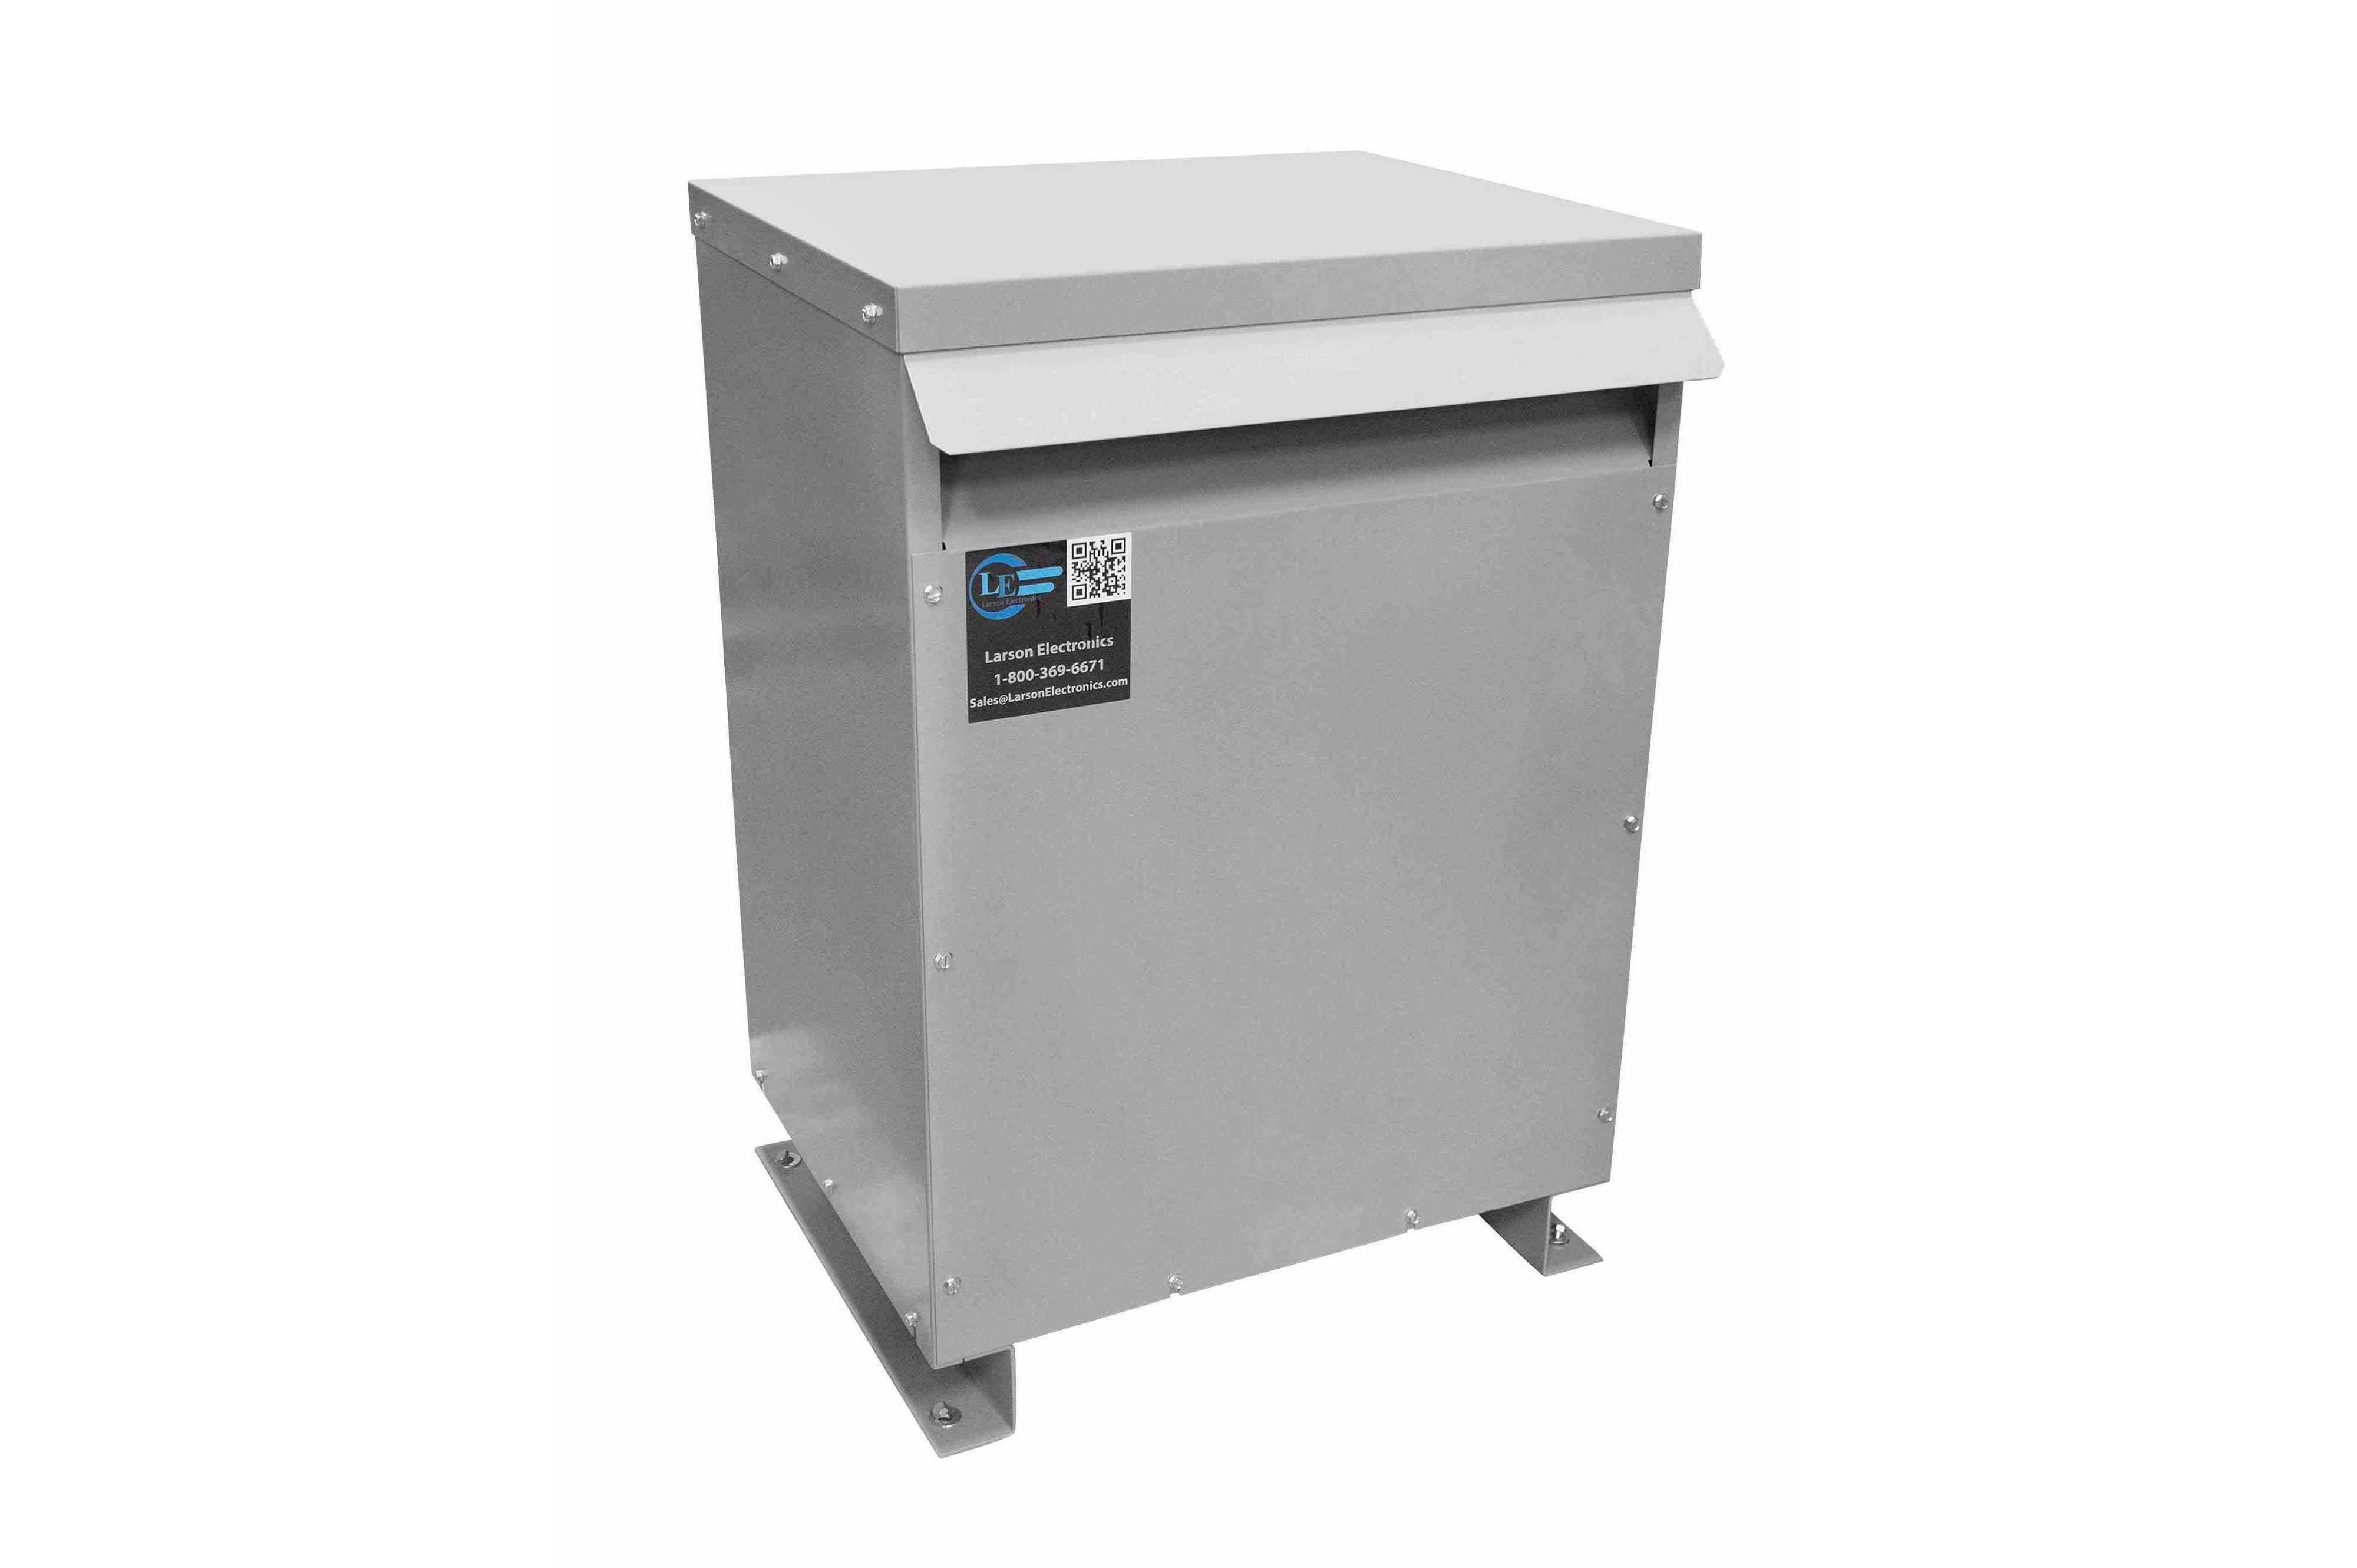 26 kVA 3PH DOE Transformer, 380V Delta Primary, 240V/120 Delta Secondary, N3R, Ventilated, 60 Hz